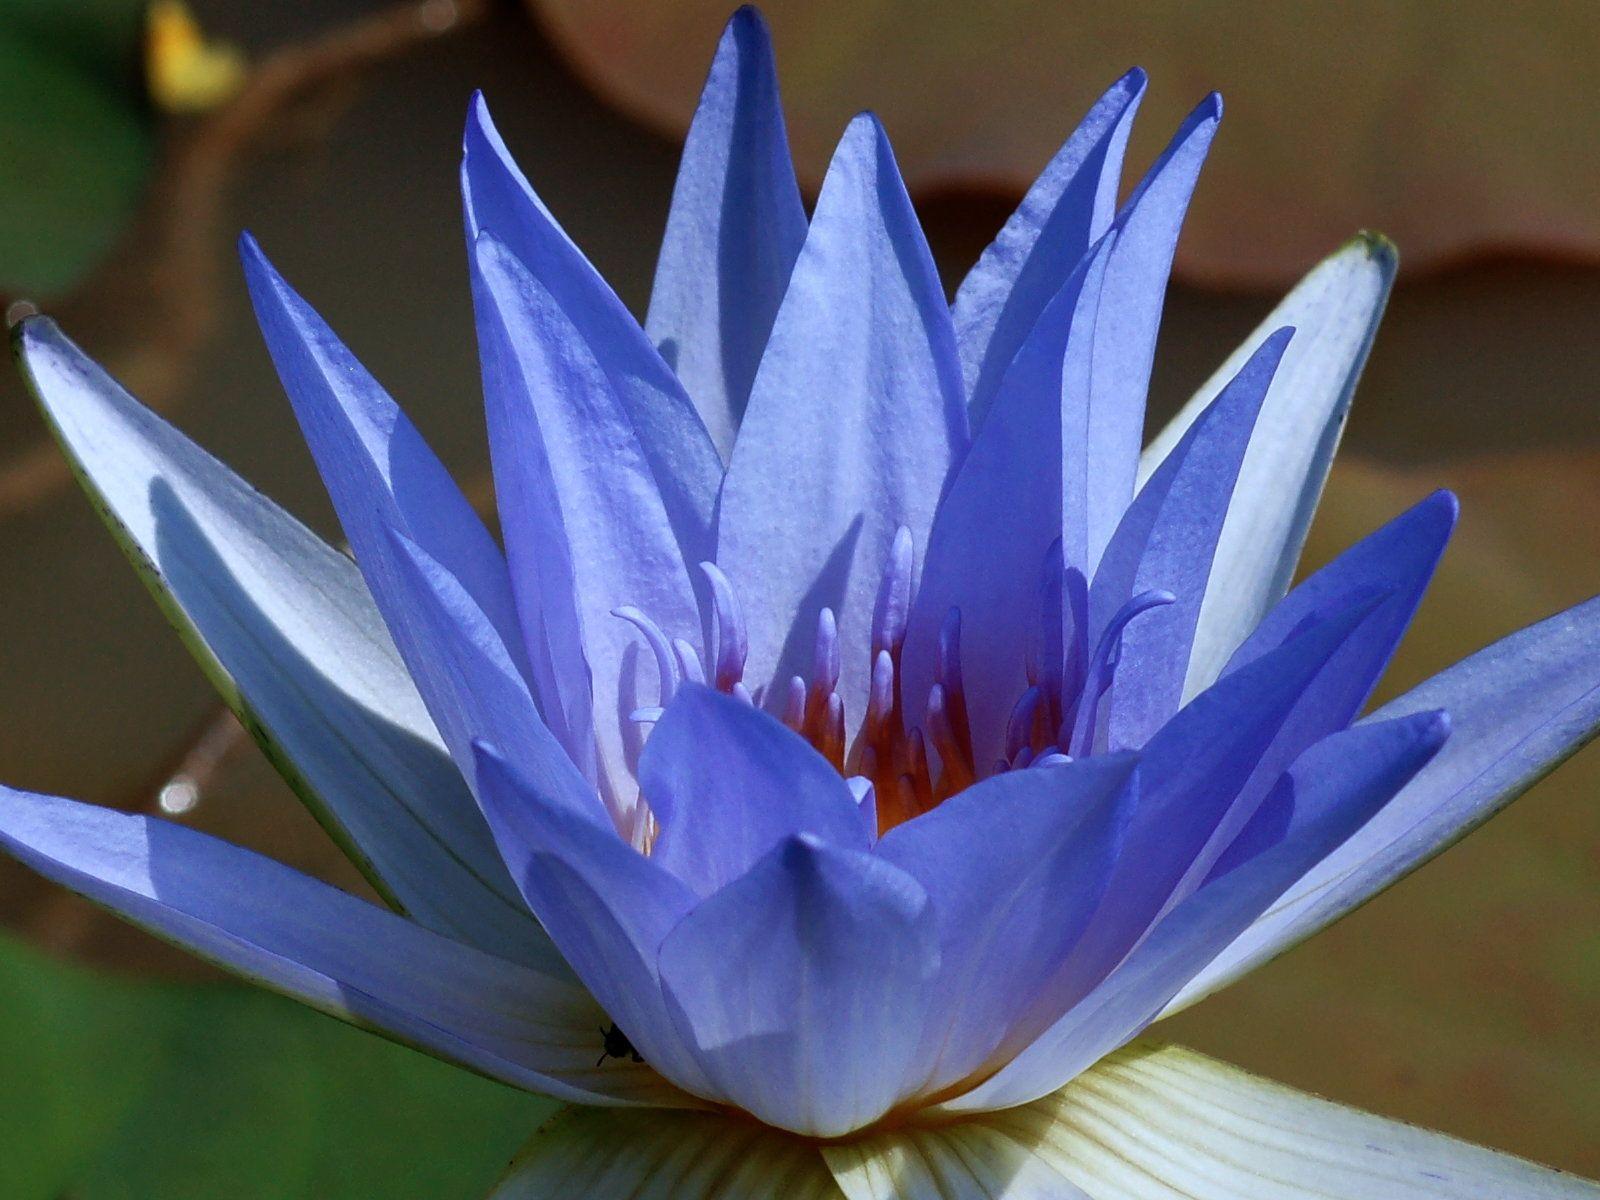 Fleur De Lotus Bleu True Blue Blue Lotus Lotus Nelumbo Nucifera